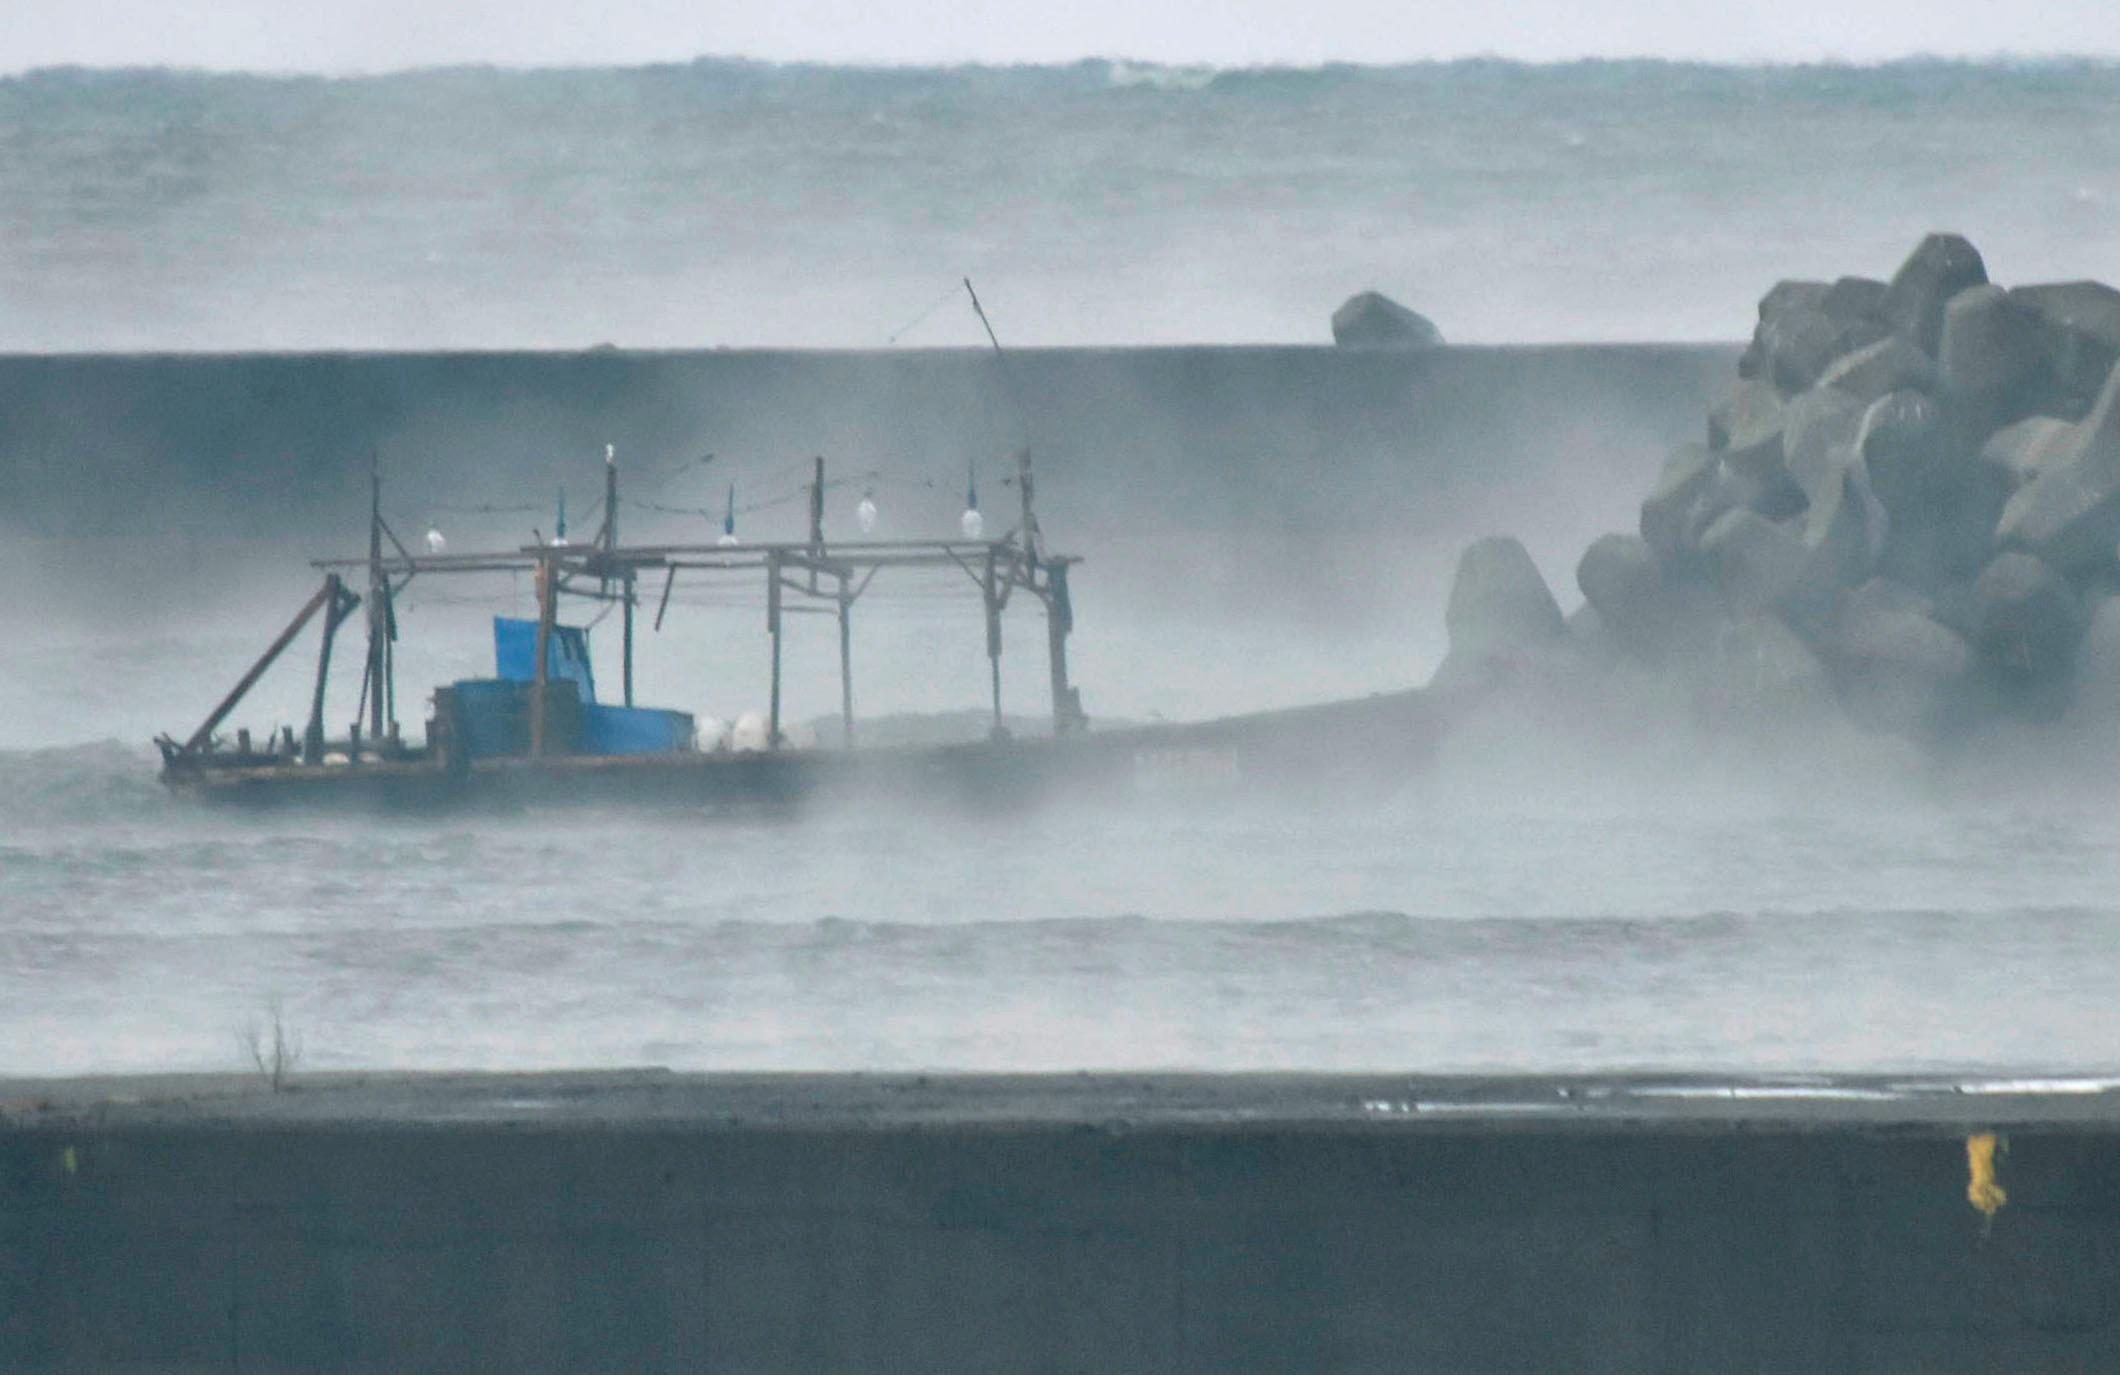 North Korean men wash ashore in Japan, say they're fishermen wanting to return